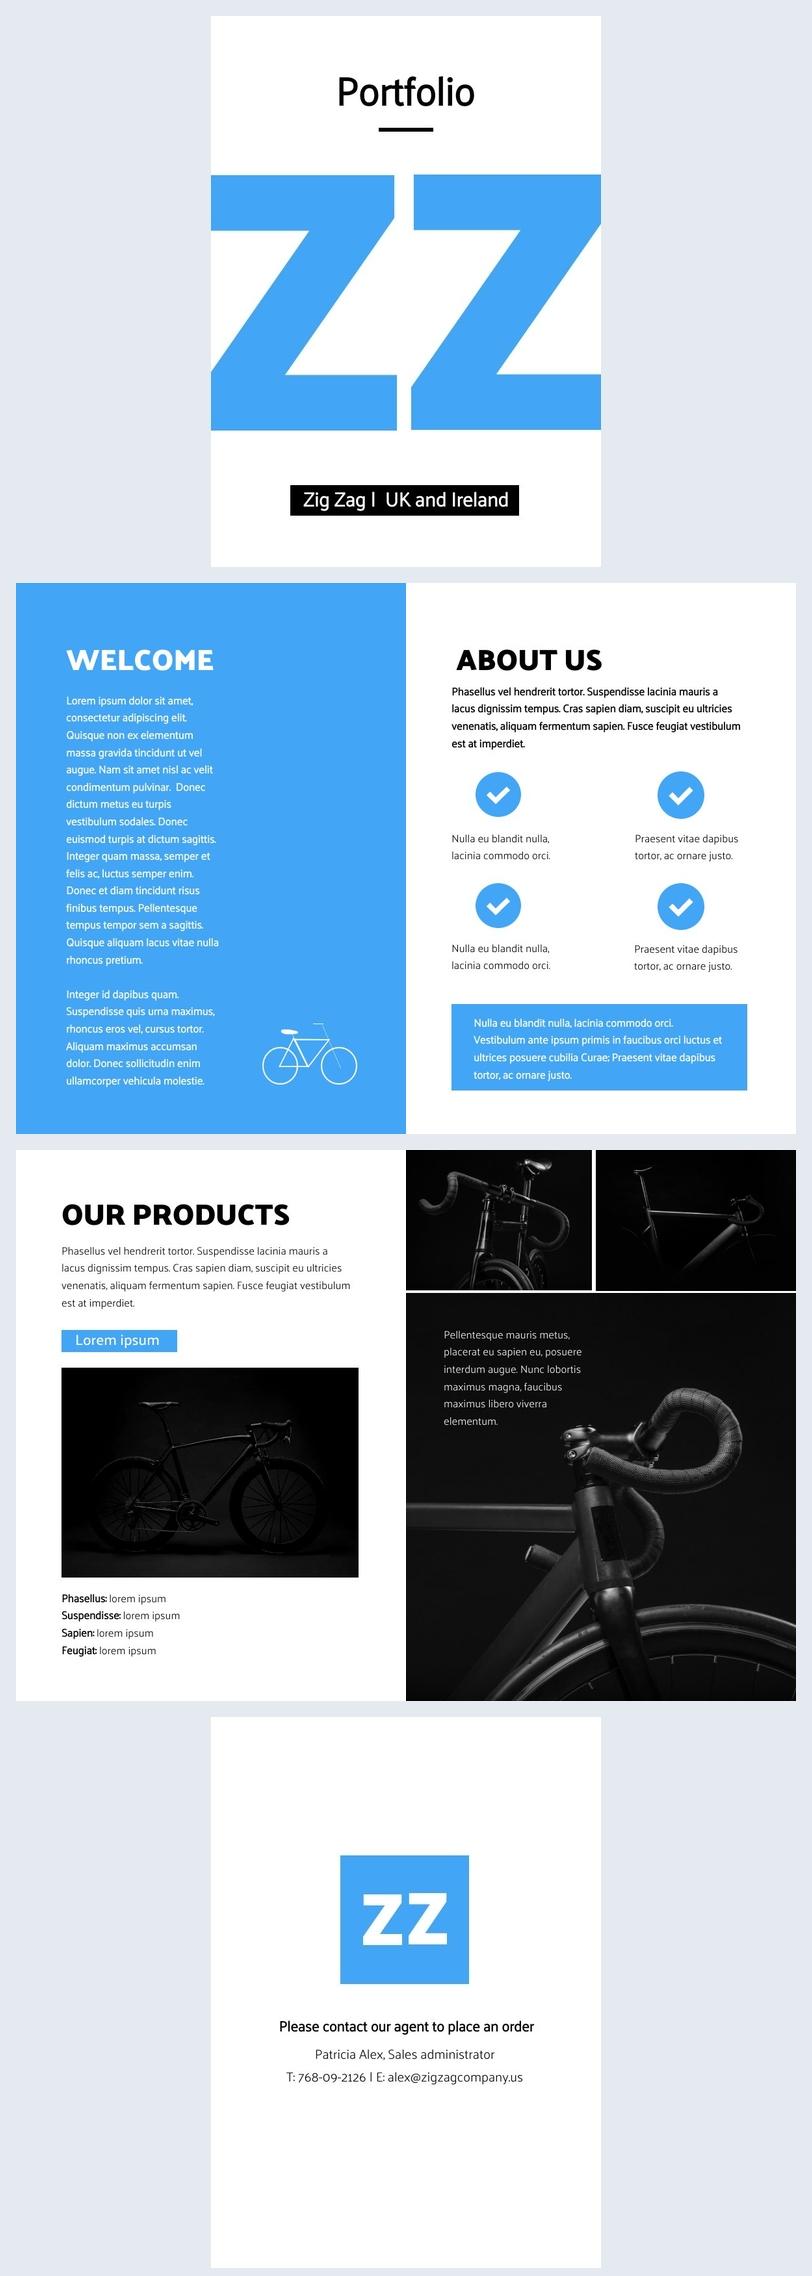 grafica per portfolio aziendale